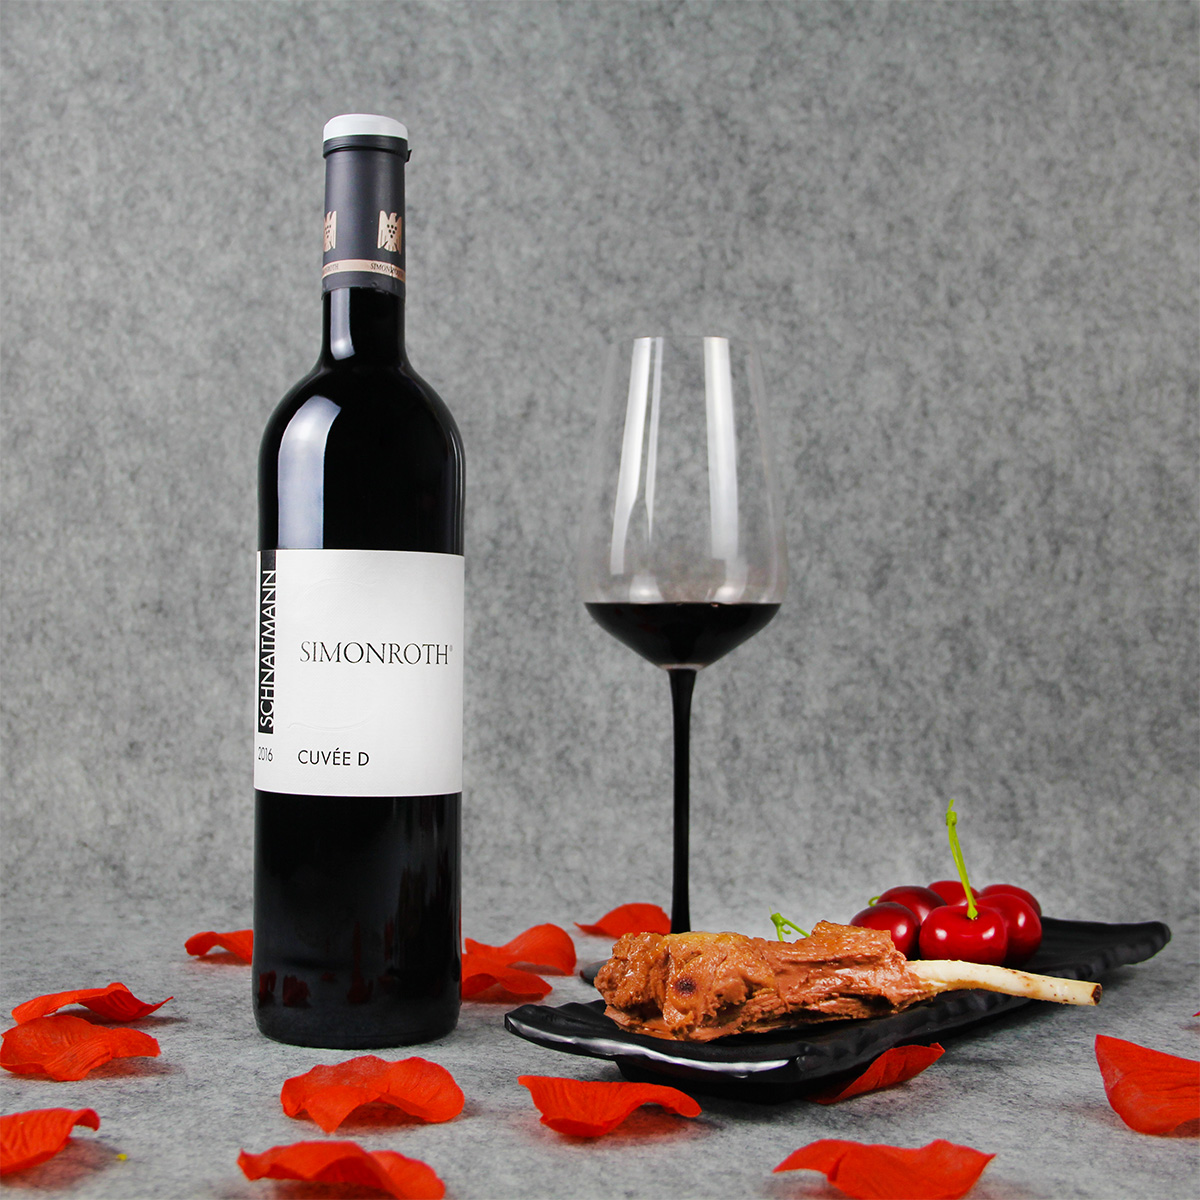 德国符腾堡莱纳施纳特门酒庄混酿西蒙罗斯园特酿D VDP一级园干红葡萄酒